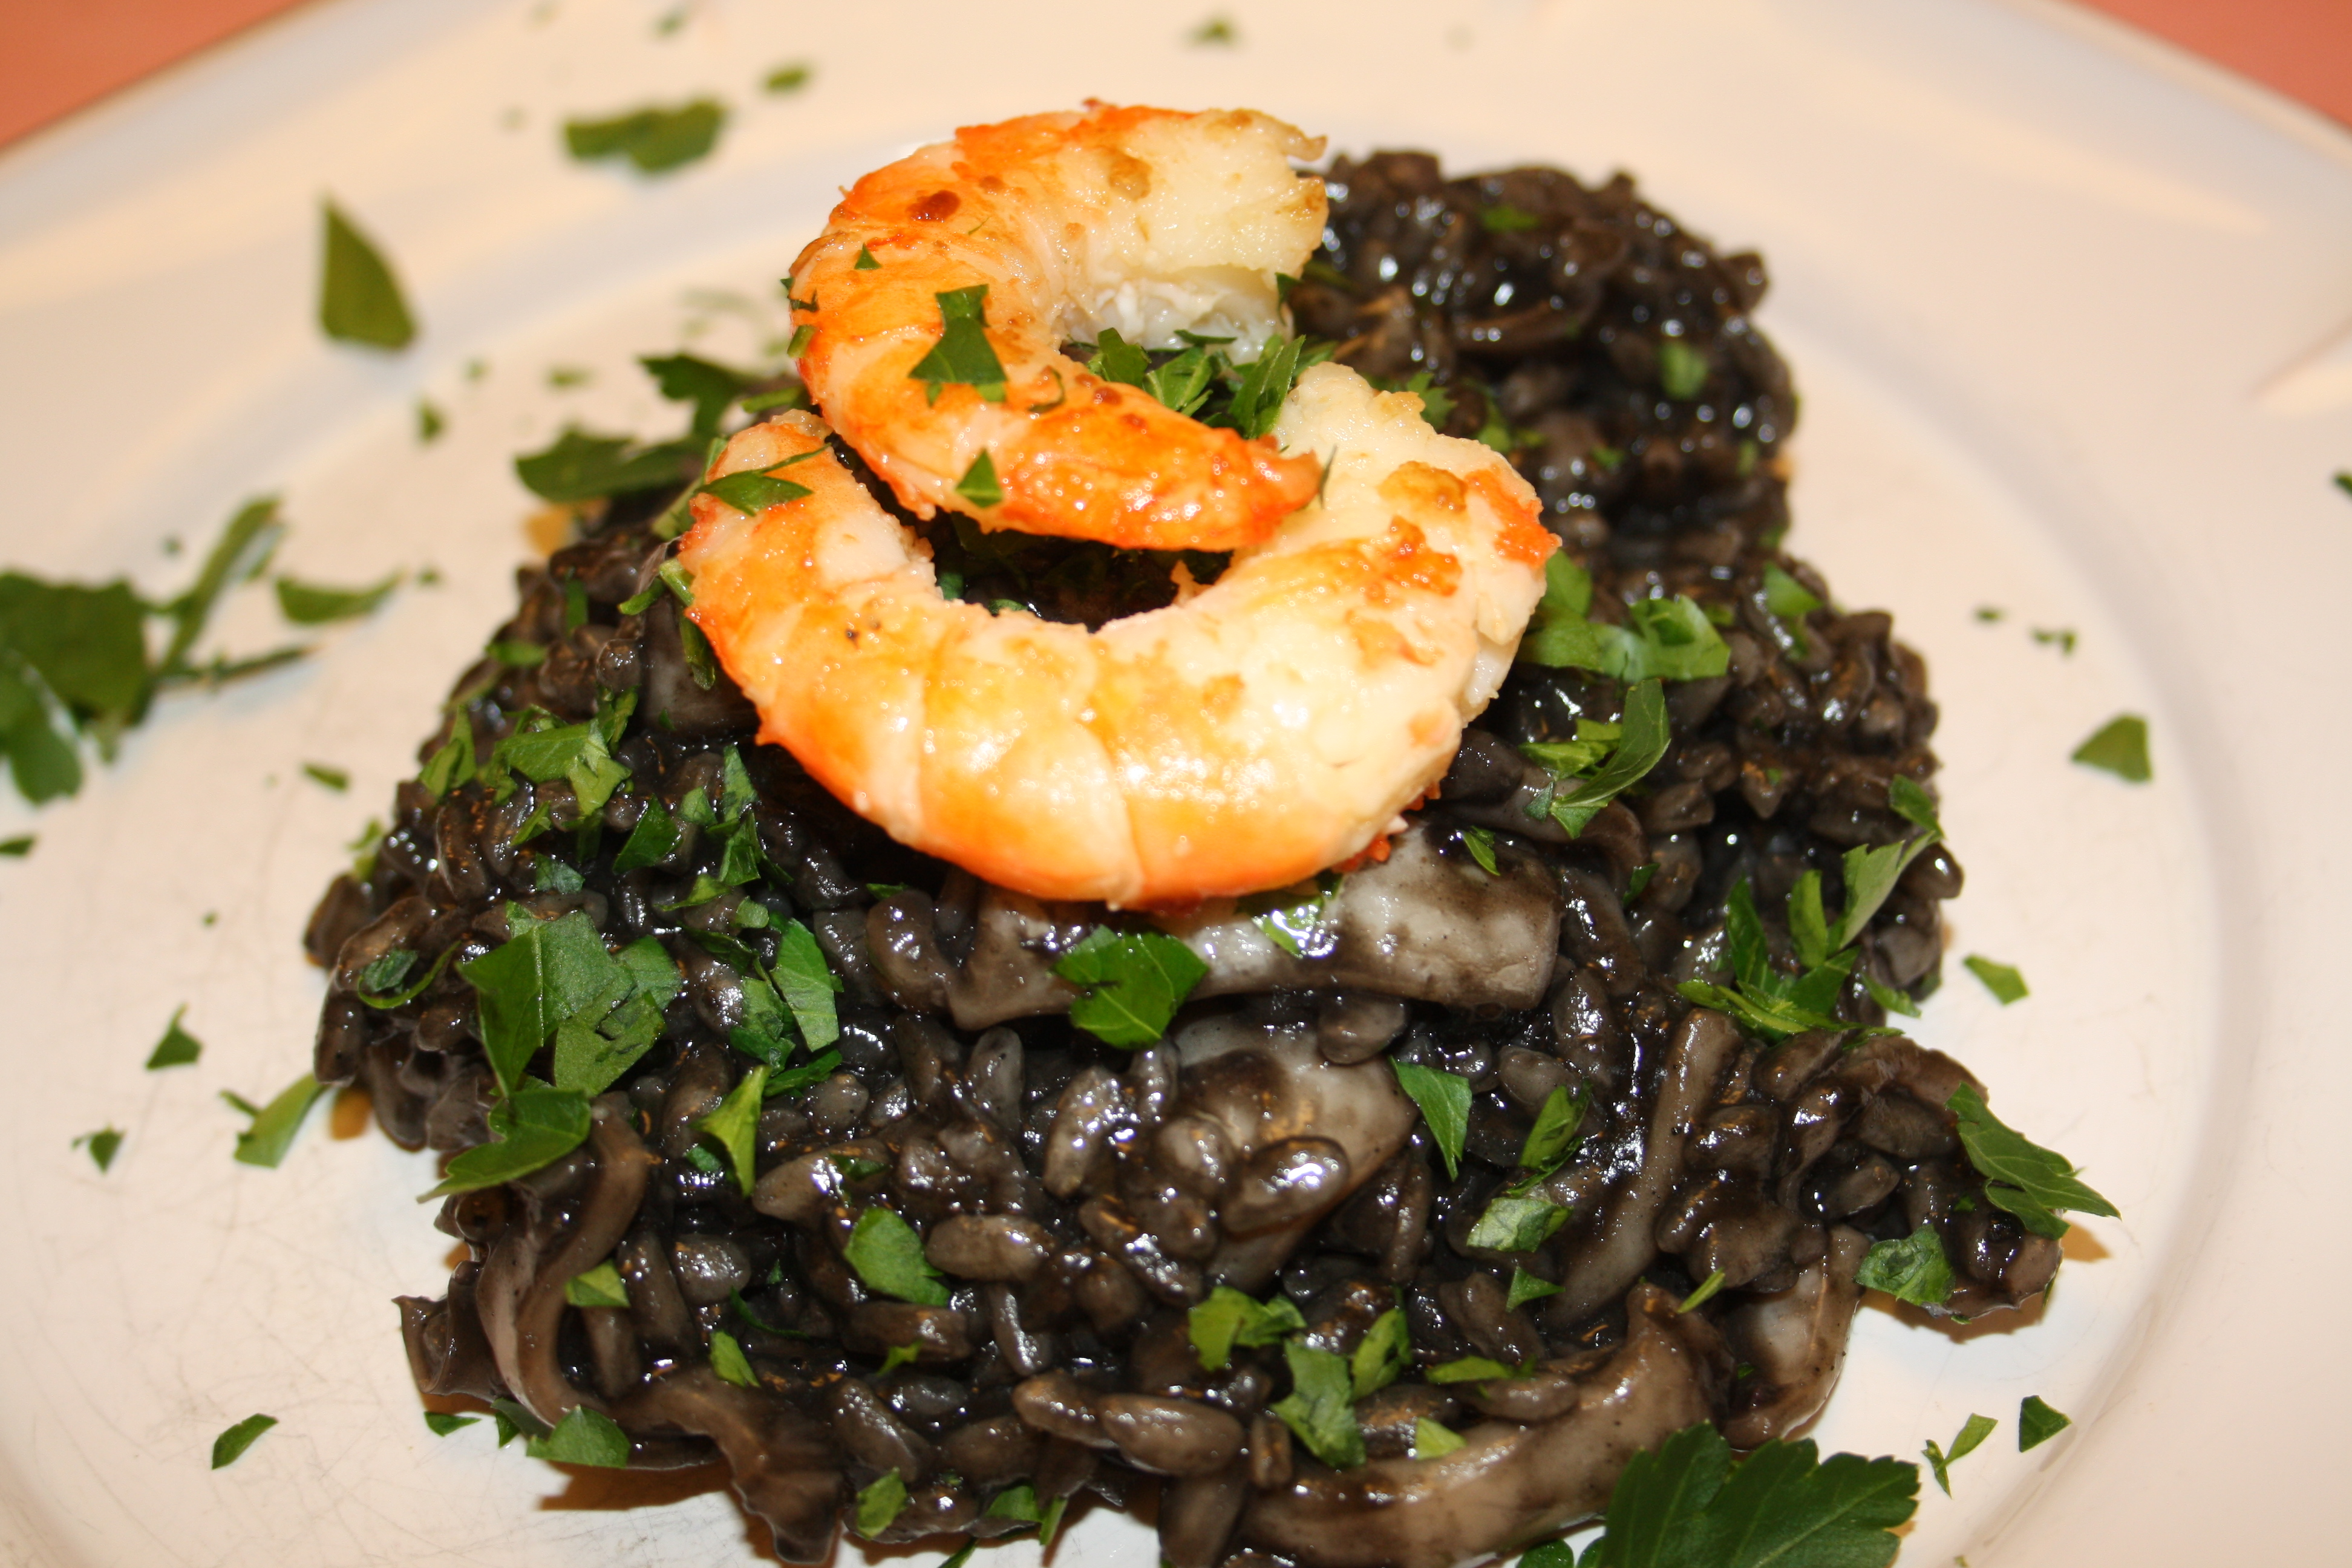 risotto noir aux calamares blog de cuisine de l 39 amap. Black Bedroom Furniture Sets. Home Design Ideas